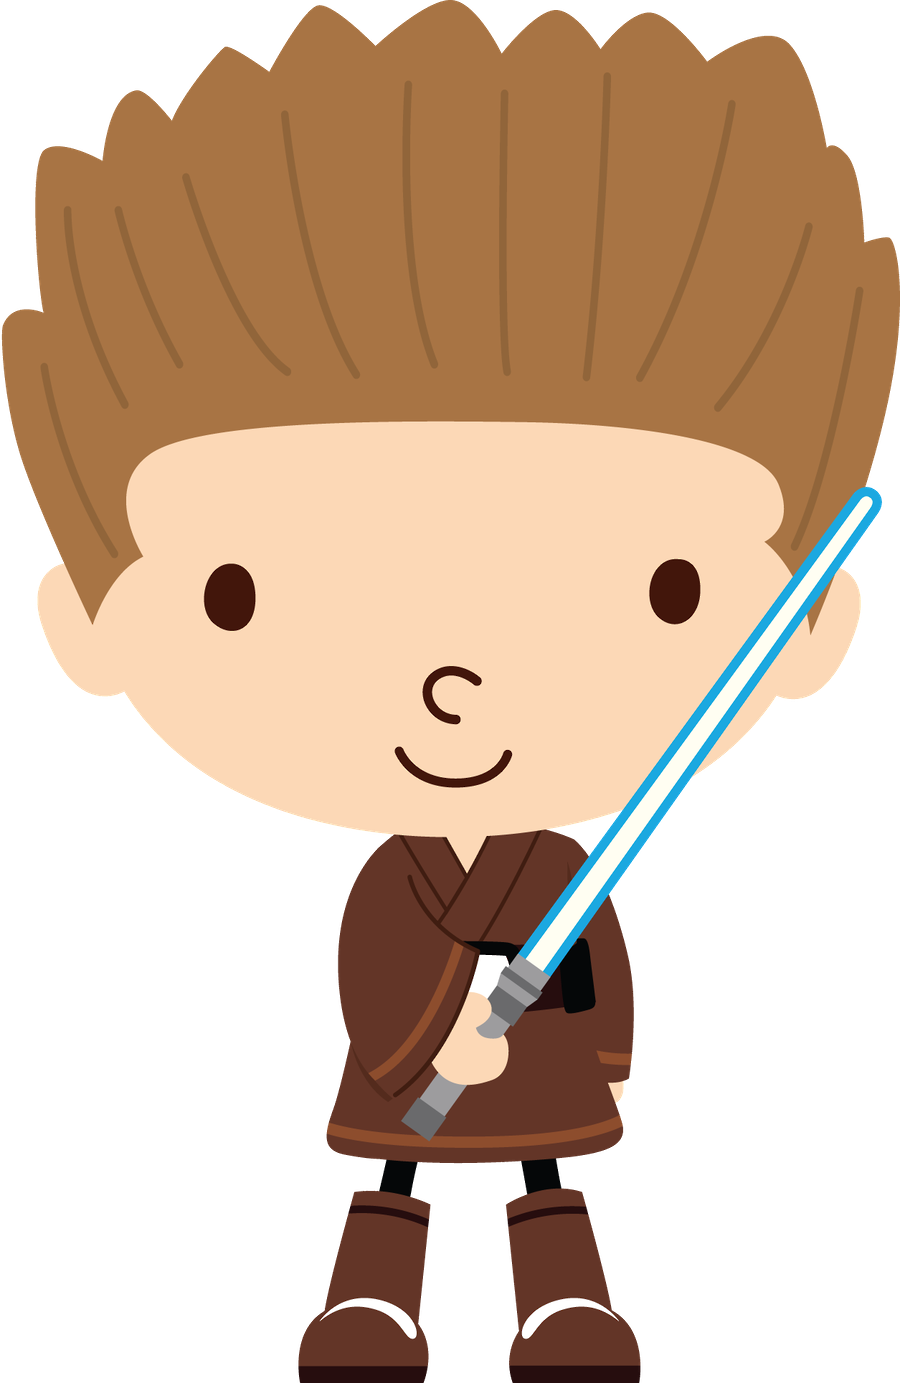 900x1383 Star Wars Clipart Jedi